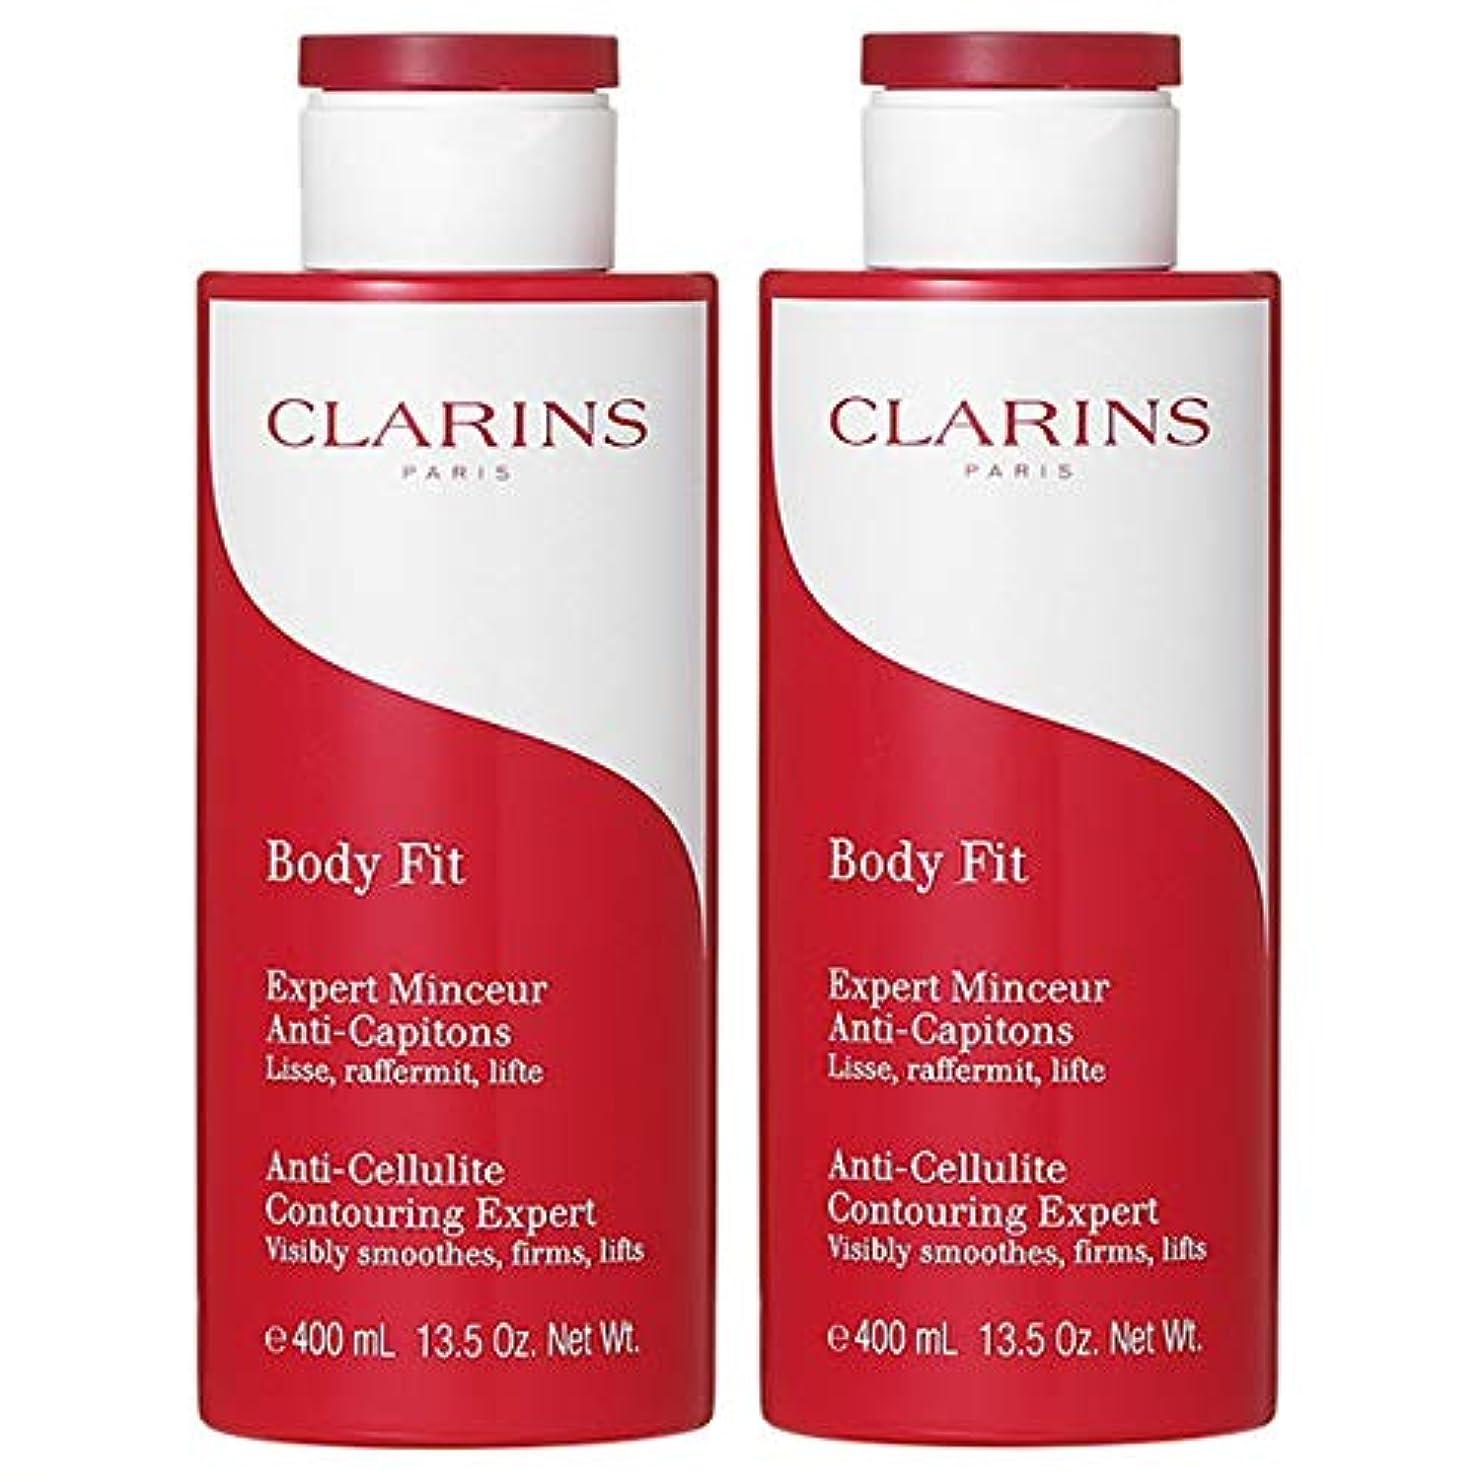 クライアント強度穏やかな【セット】クラランス CLARINS ボディ フィット 400mL 【2個セット】 [並行輸入品]